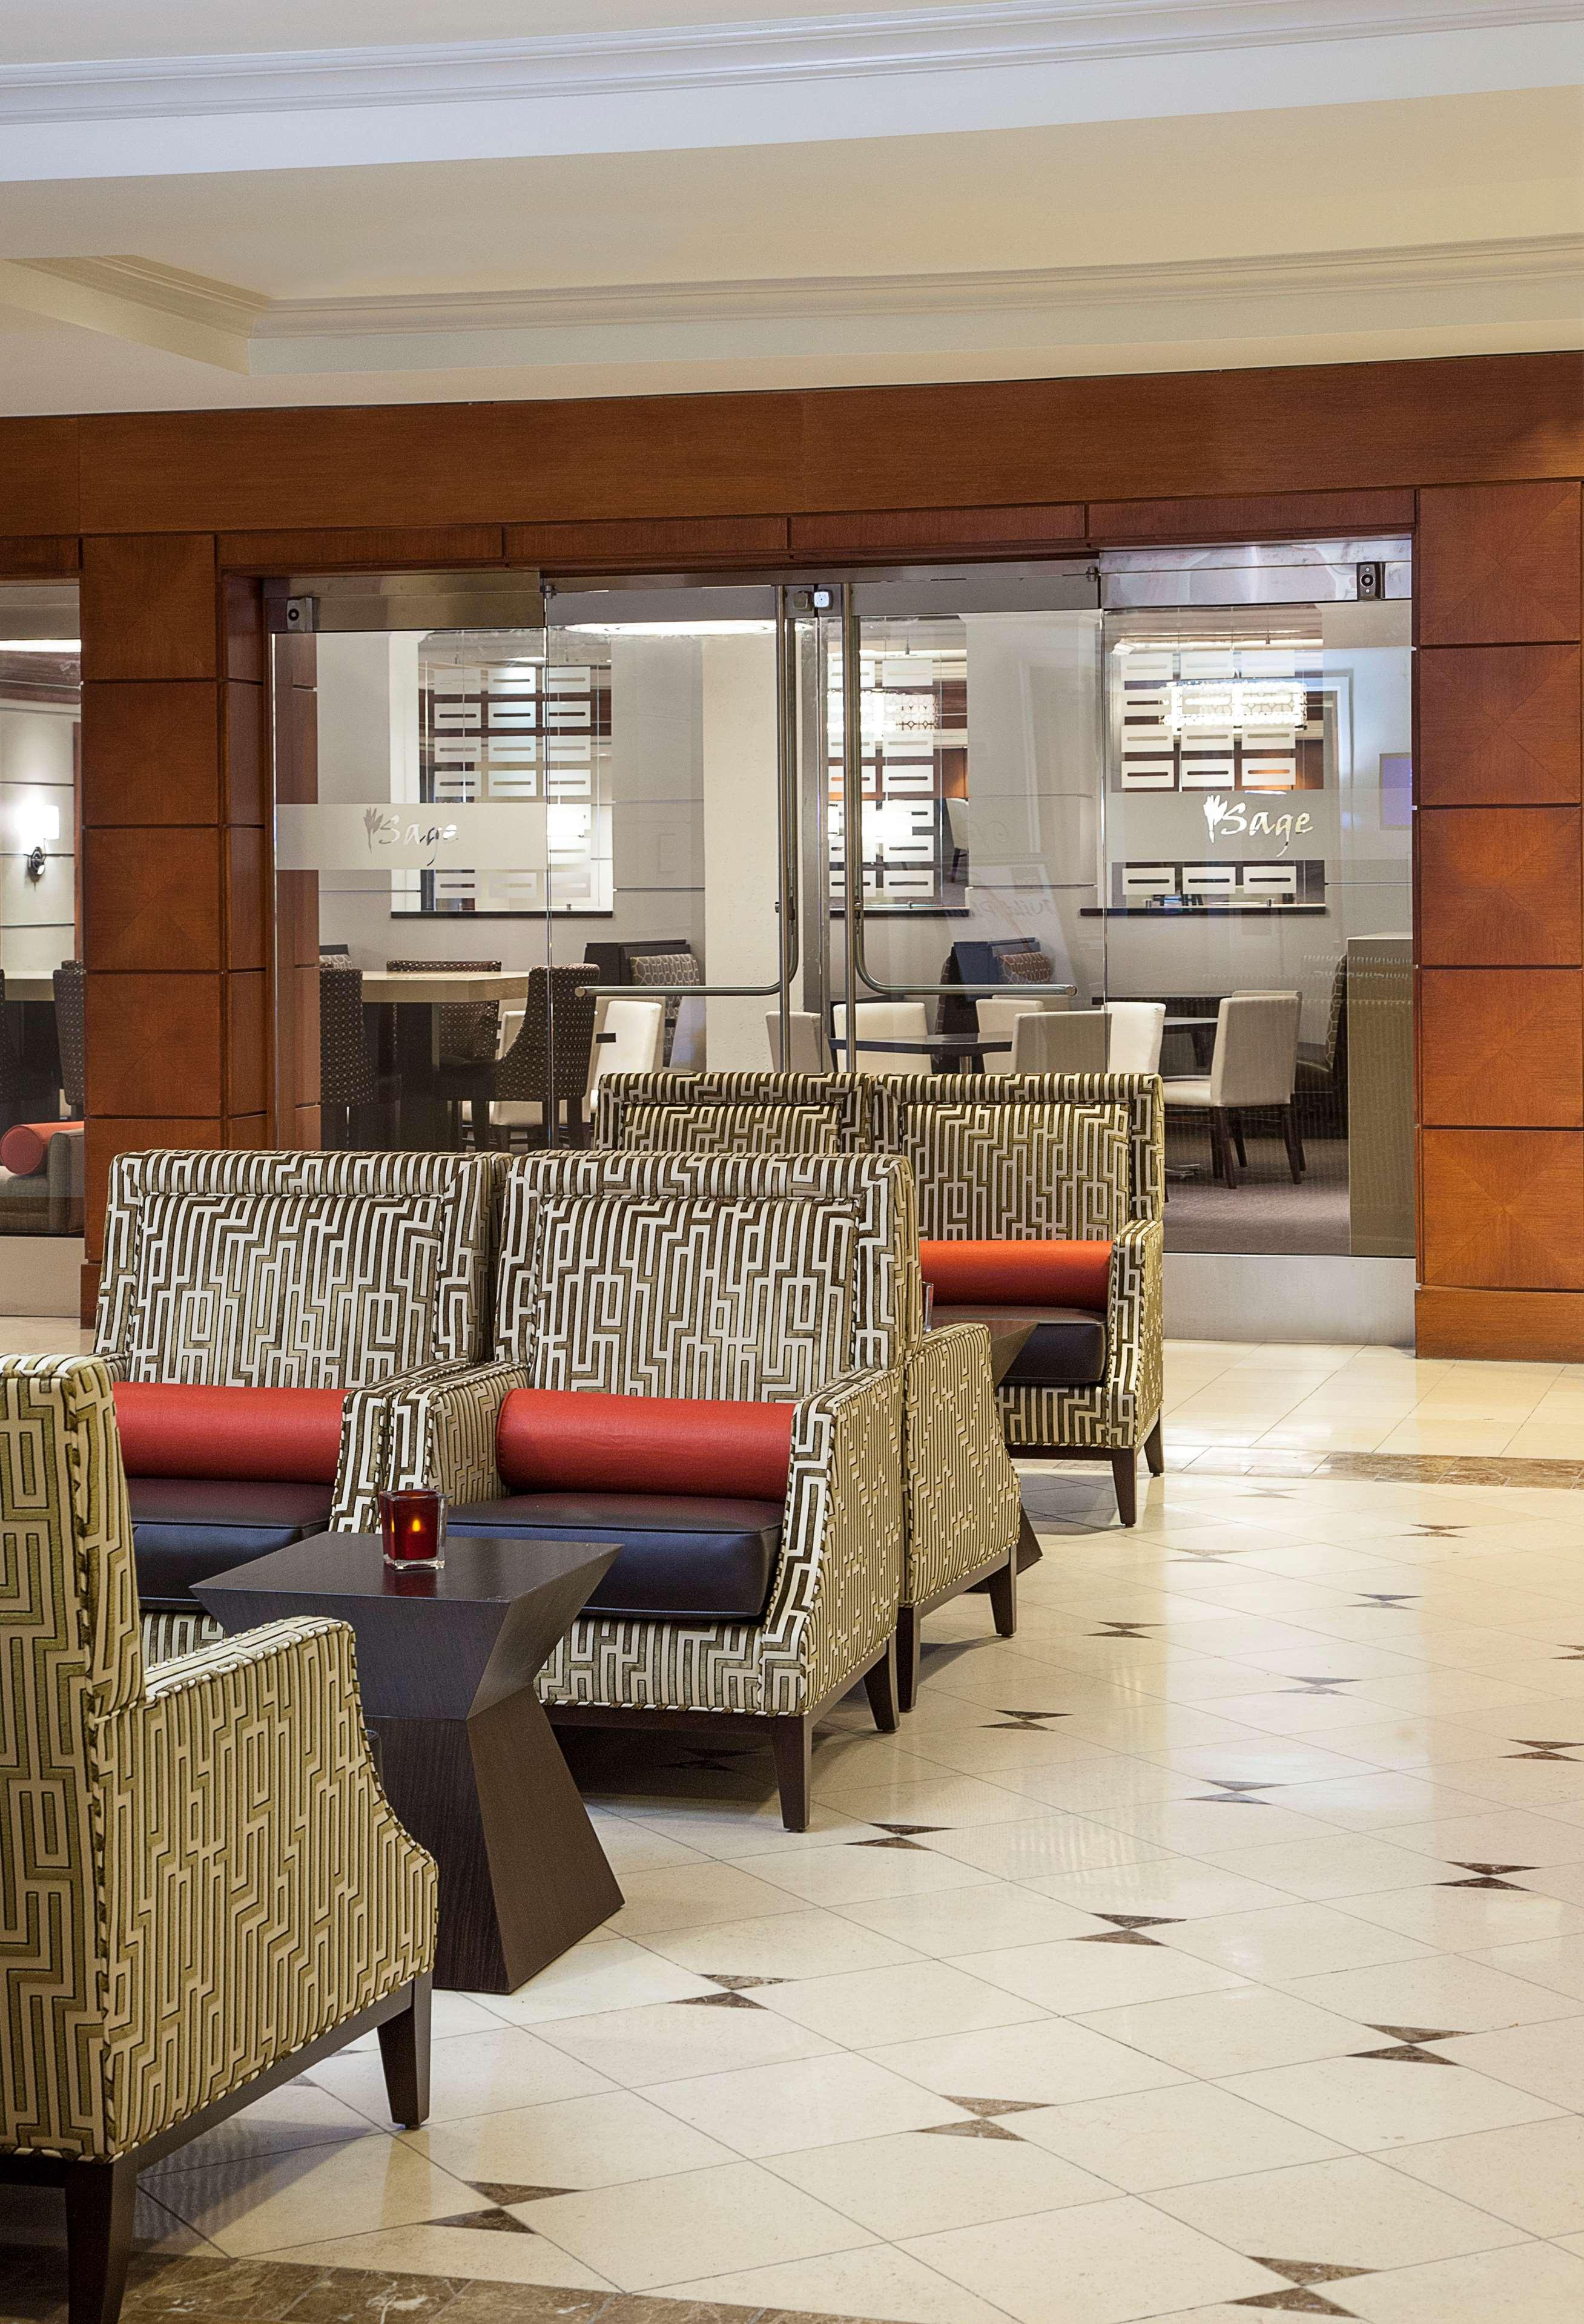 Sheraton Suites Houston Near The Galleria image 1